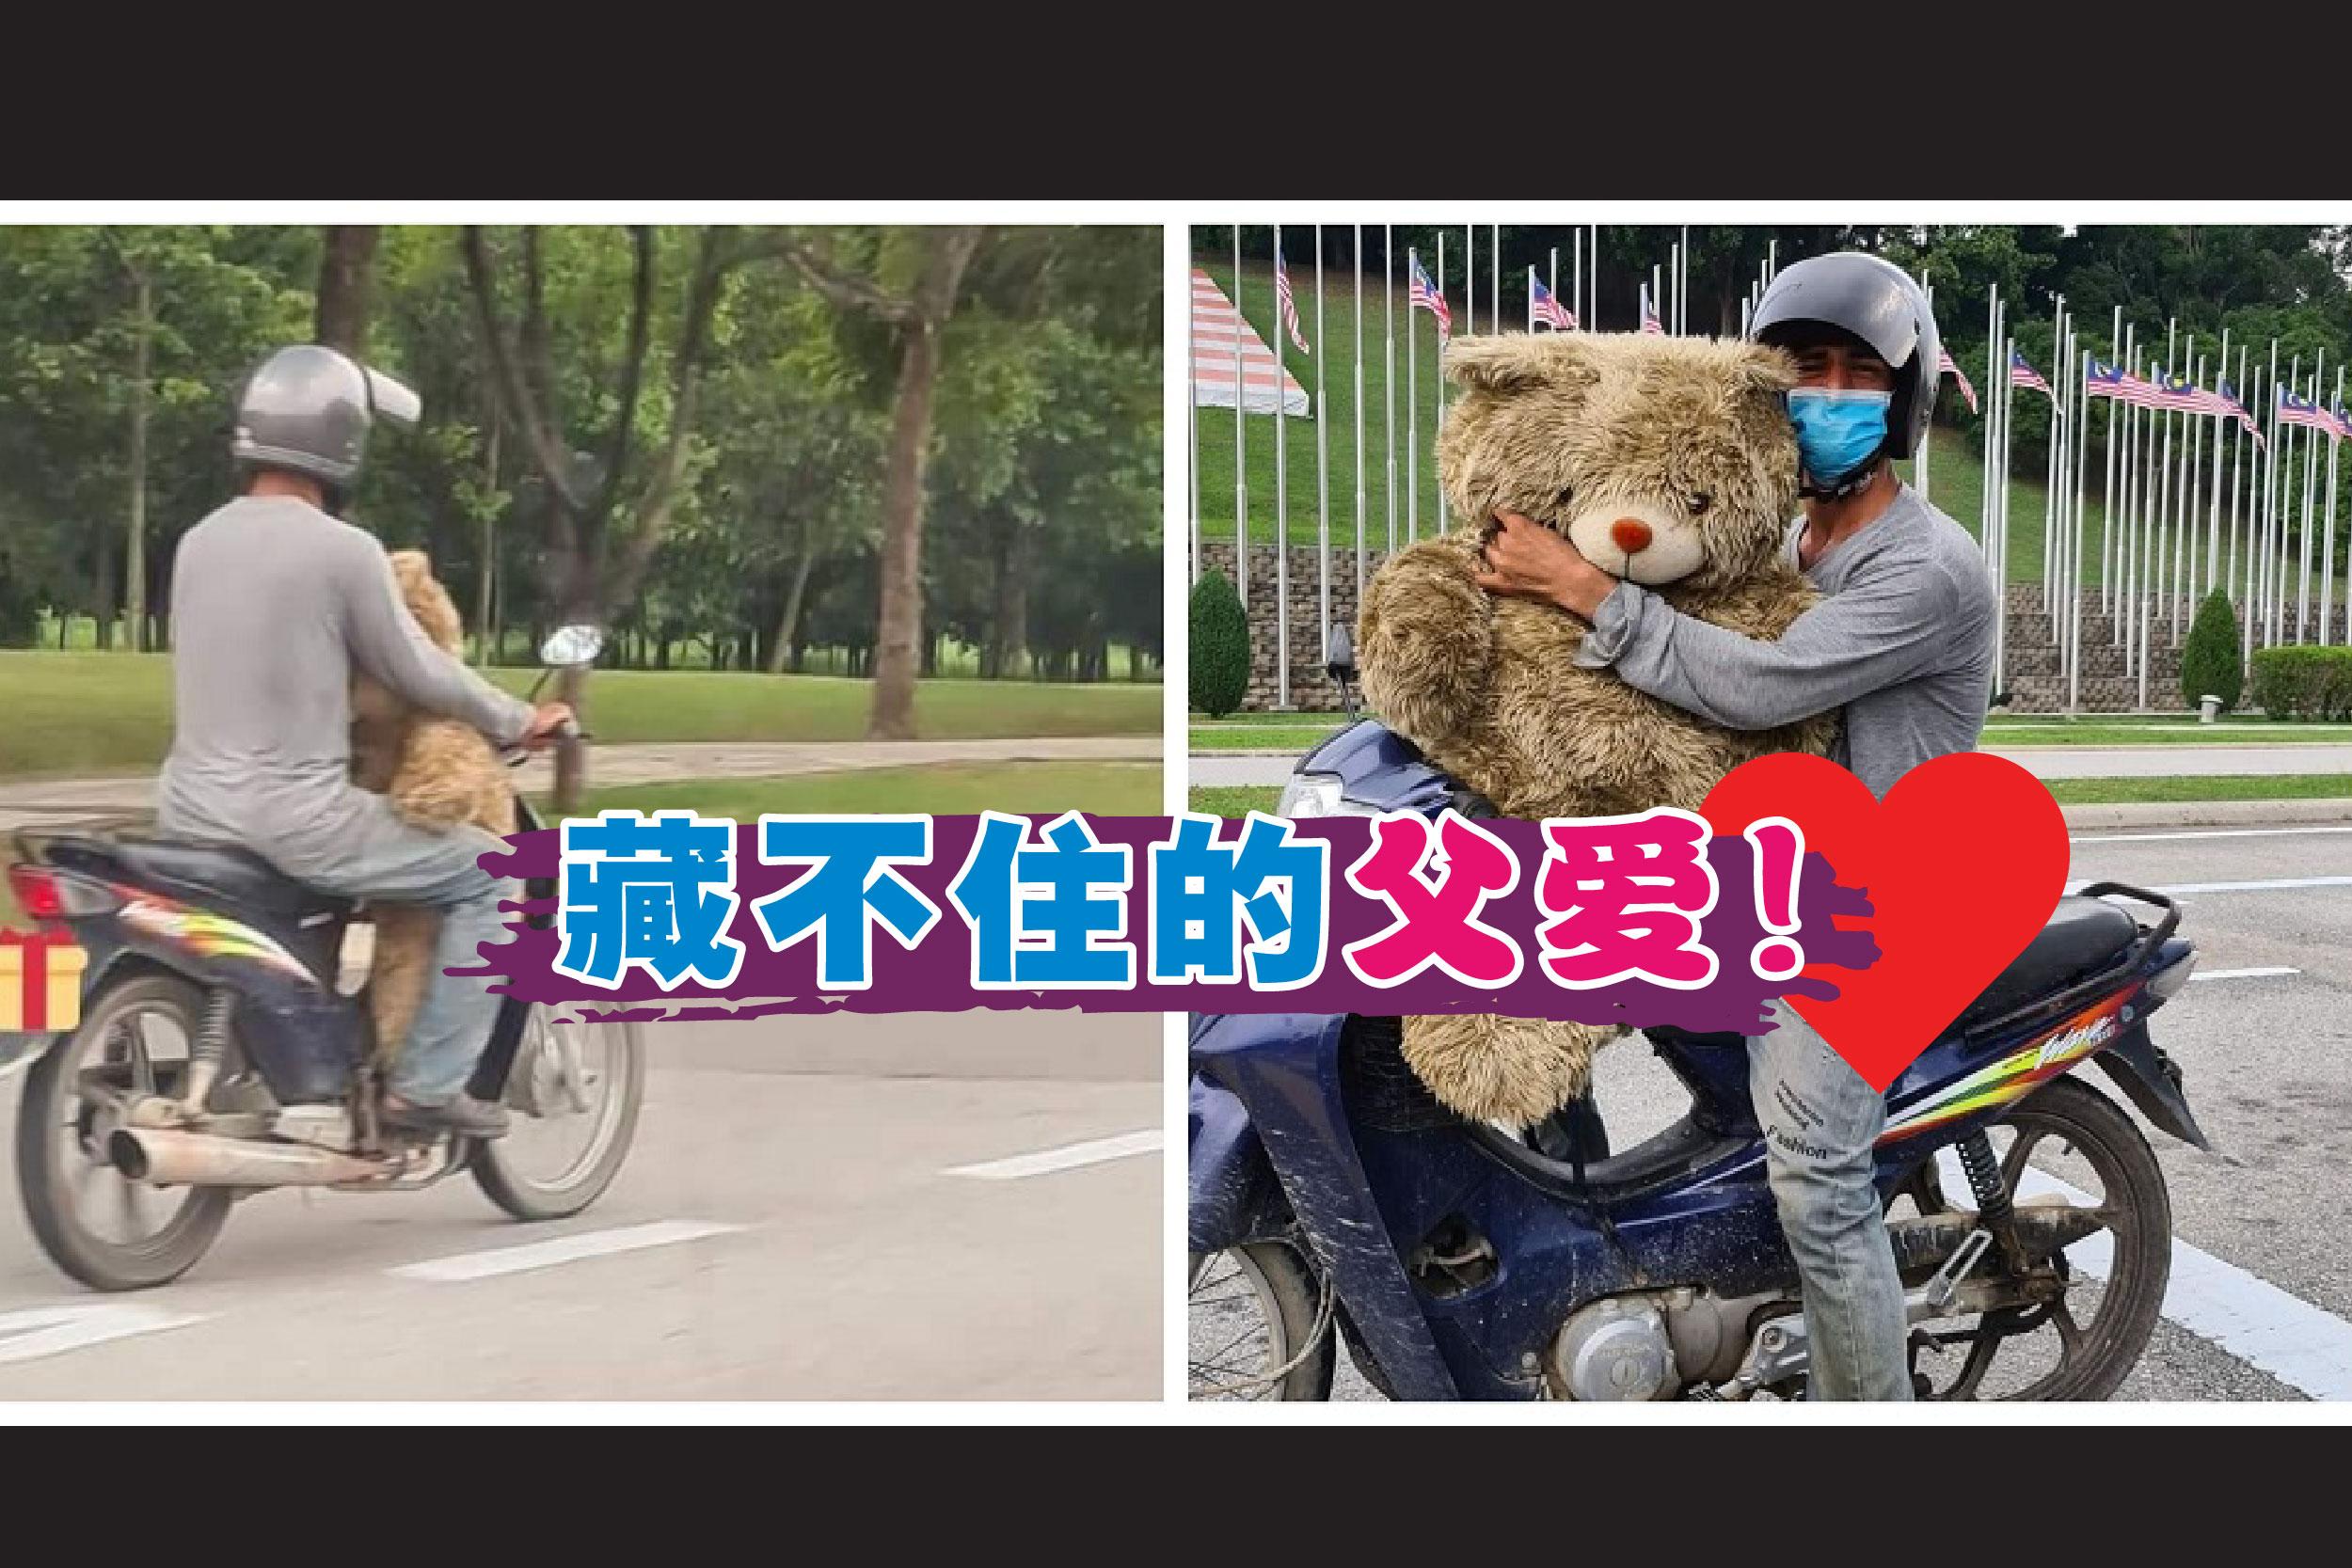 男子从垃圾箱捡到一直泰迪熊后,被路过的阿兹里拍下照片,并把他感人的故事分享到脸书。-图片摘自Azri Walter脸书,精彩大马制图-